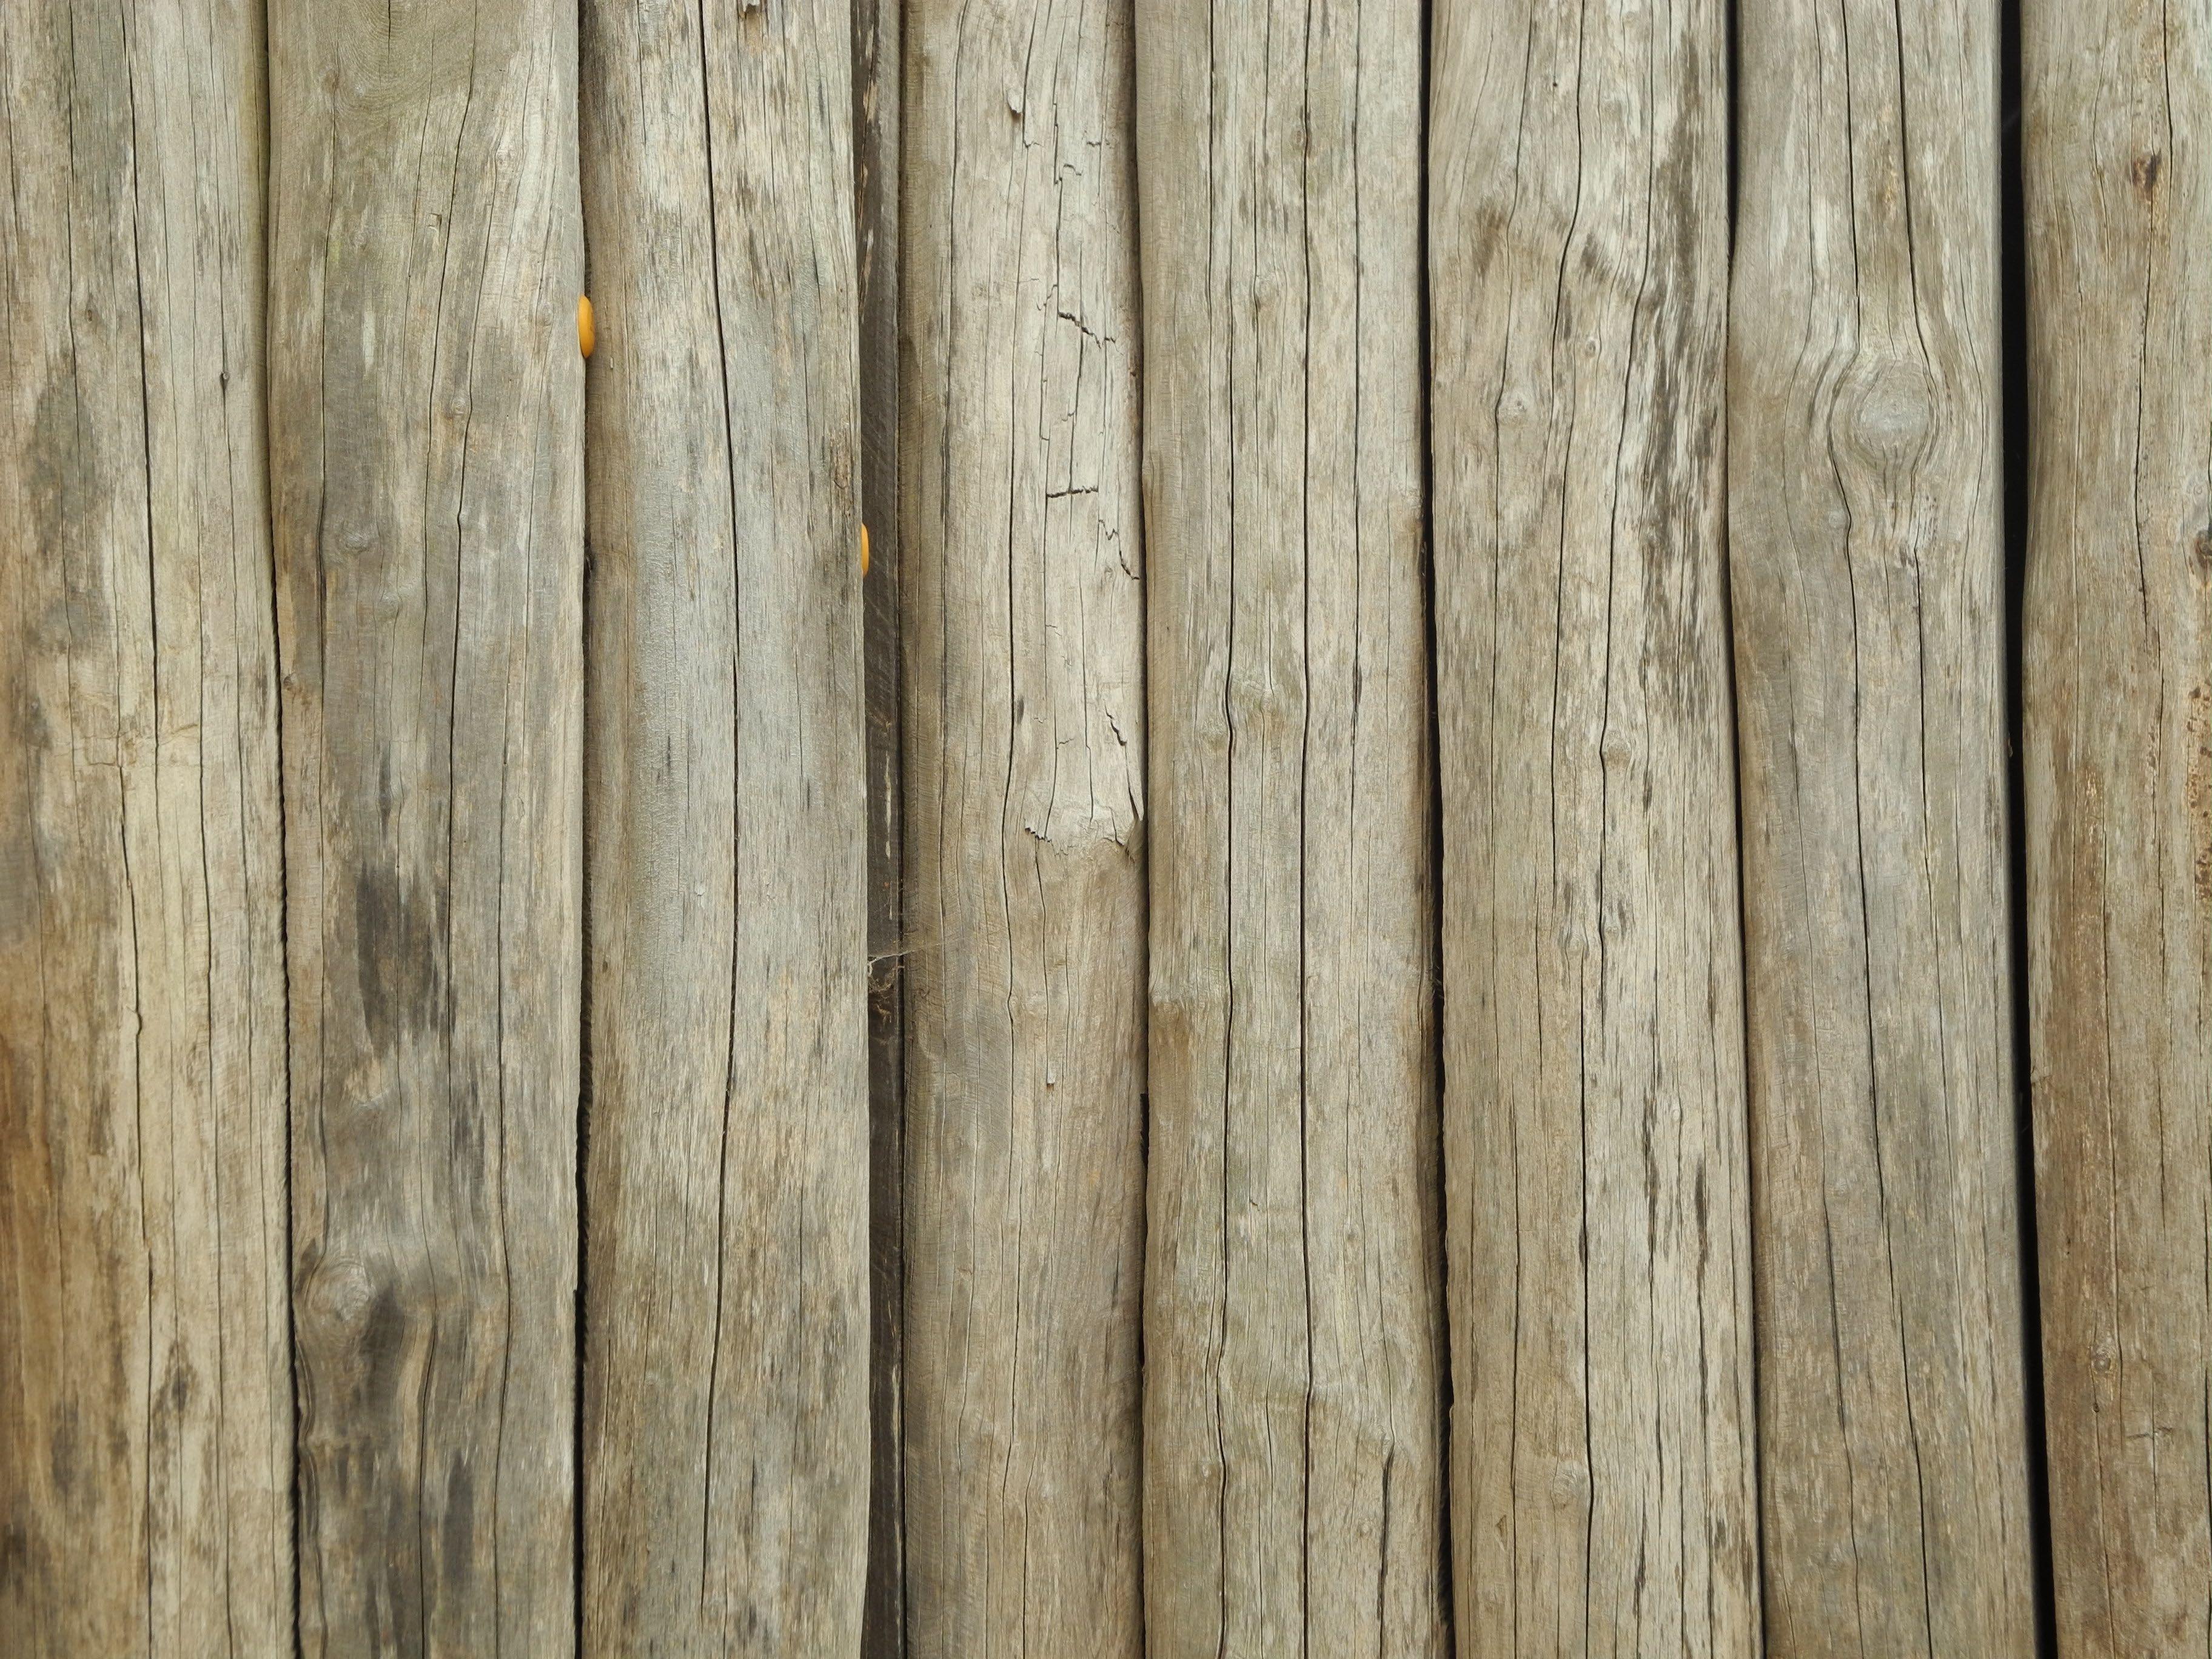 Wood Texture Plank Floor Wall Beam Lumber Joist Hardwood Arbor Flooring Laminate